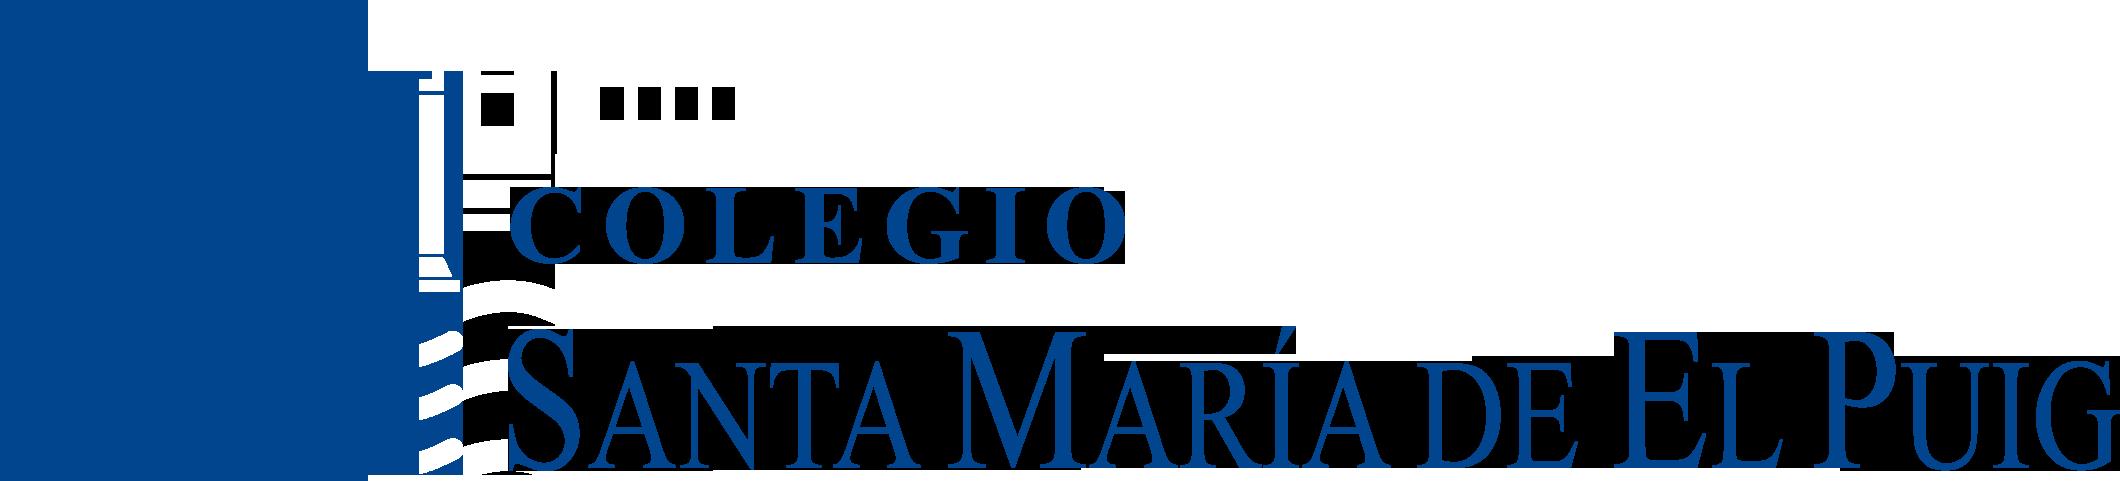 Logo SANTA MARÍA DEL PUIG